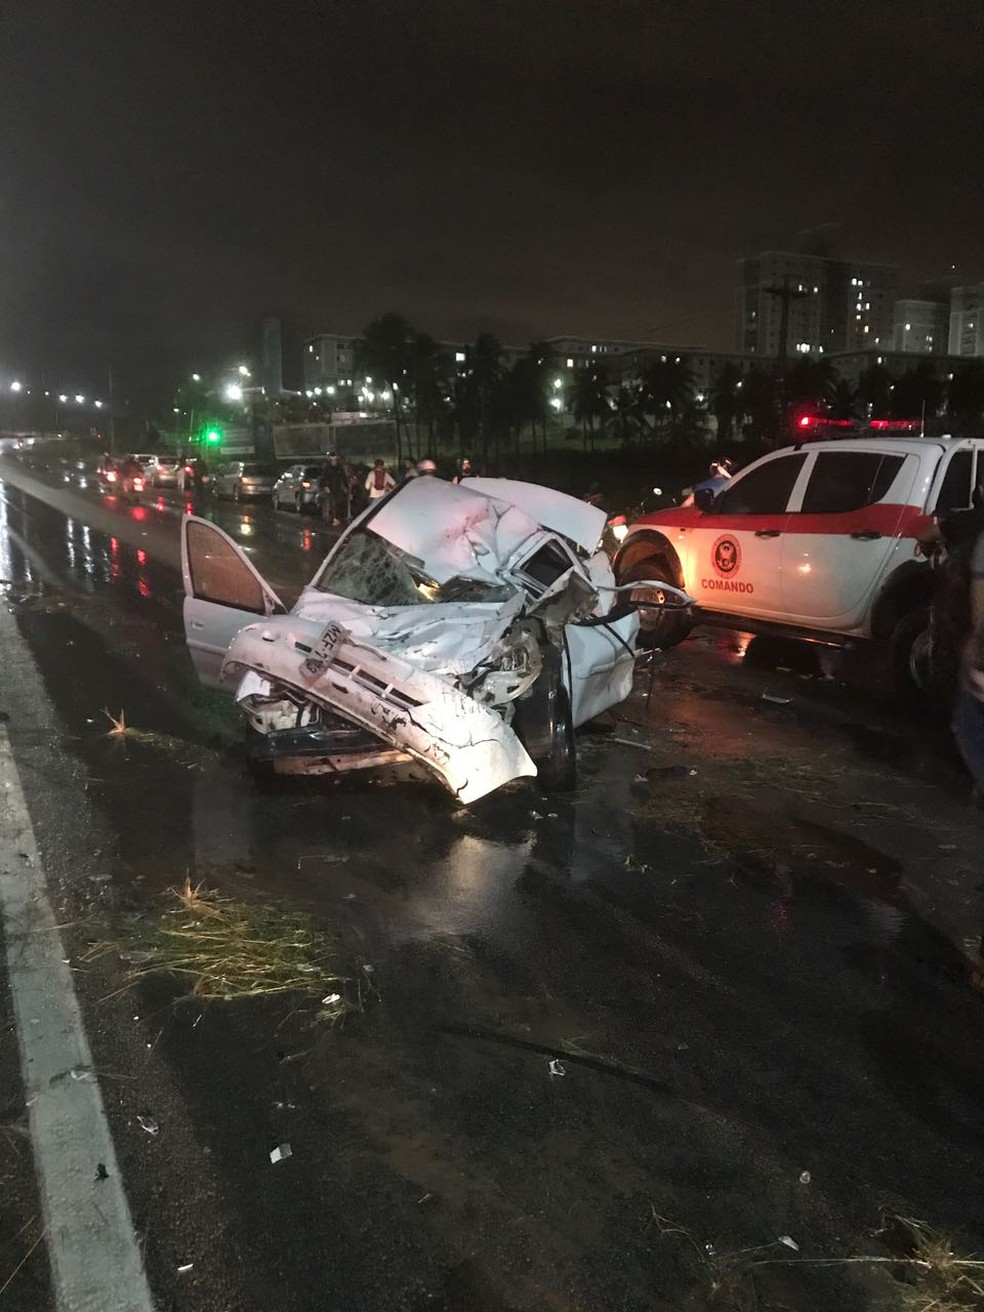 Um grande congestionamento se formou após o acidente (Foto: Divulgação/PRF)